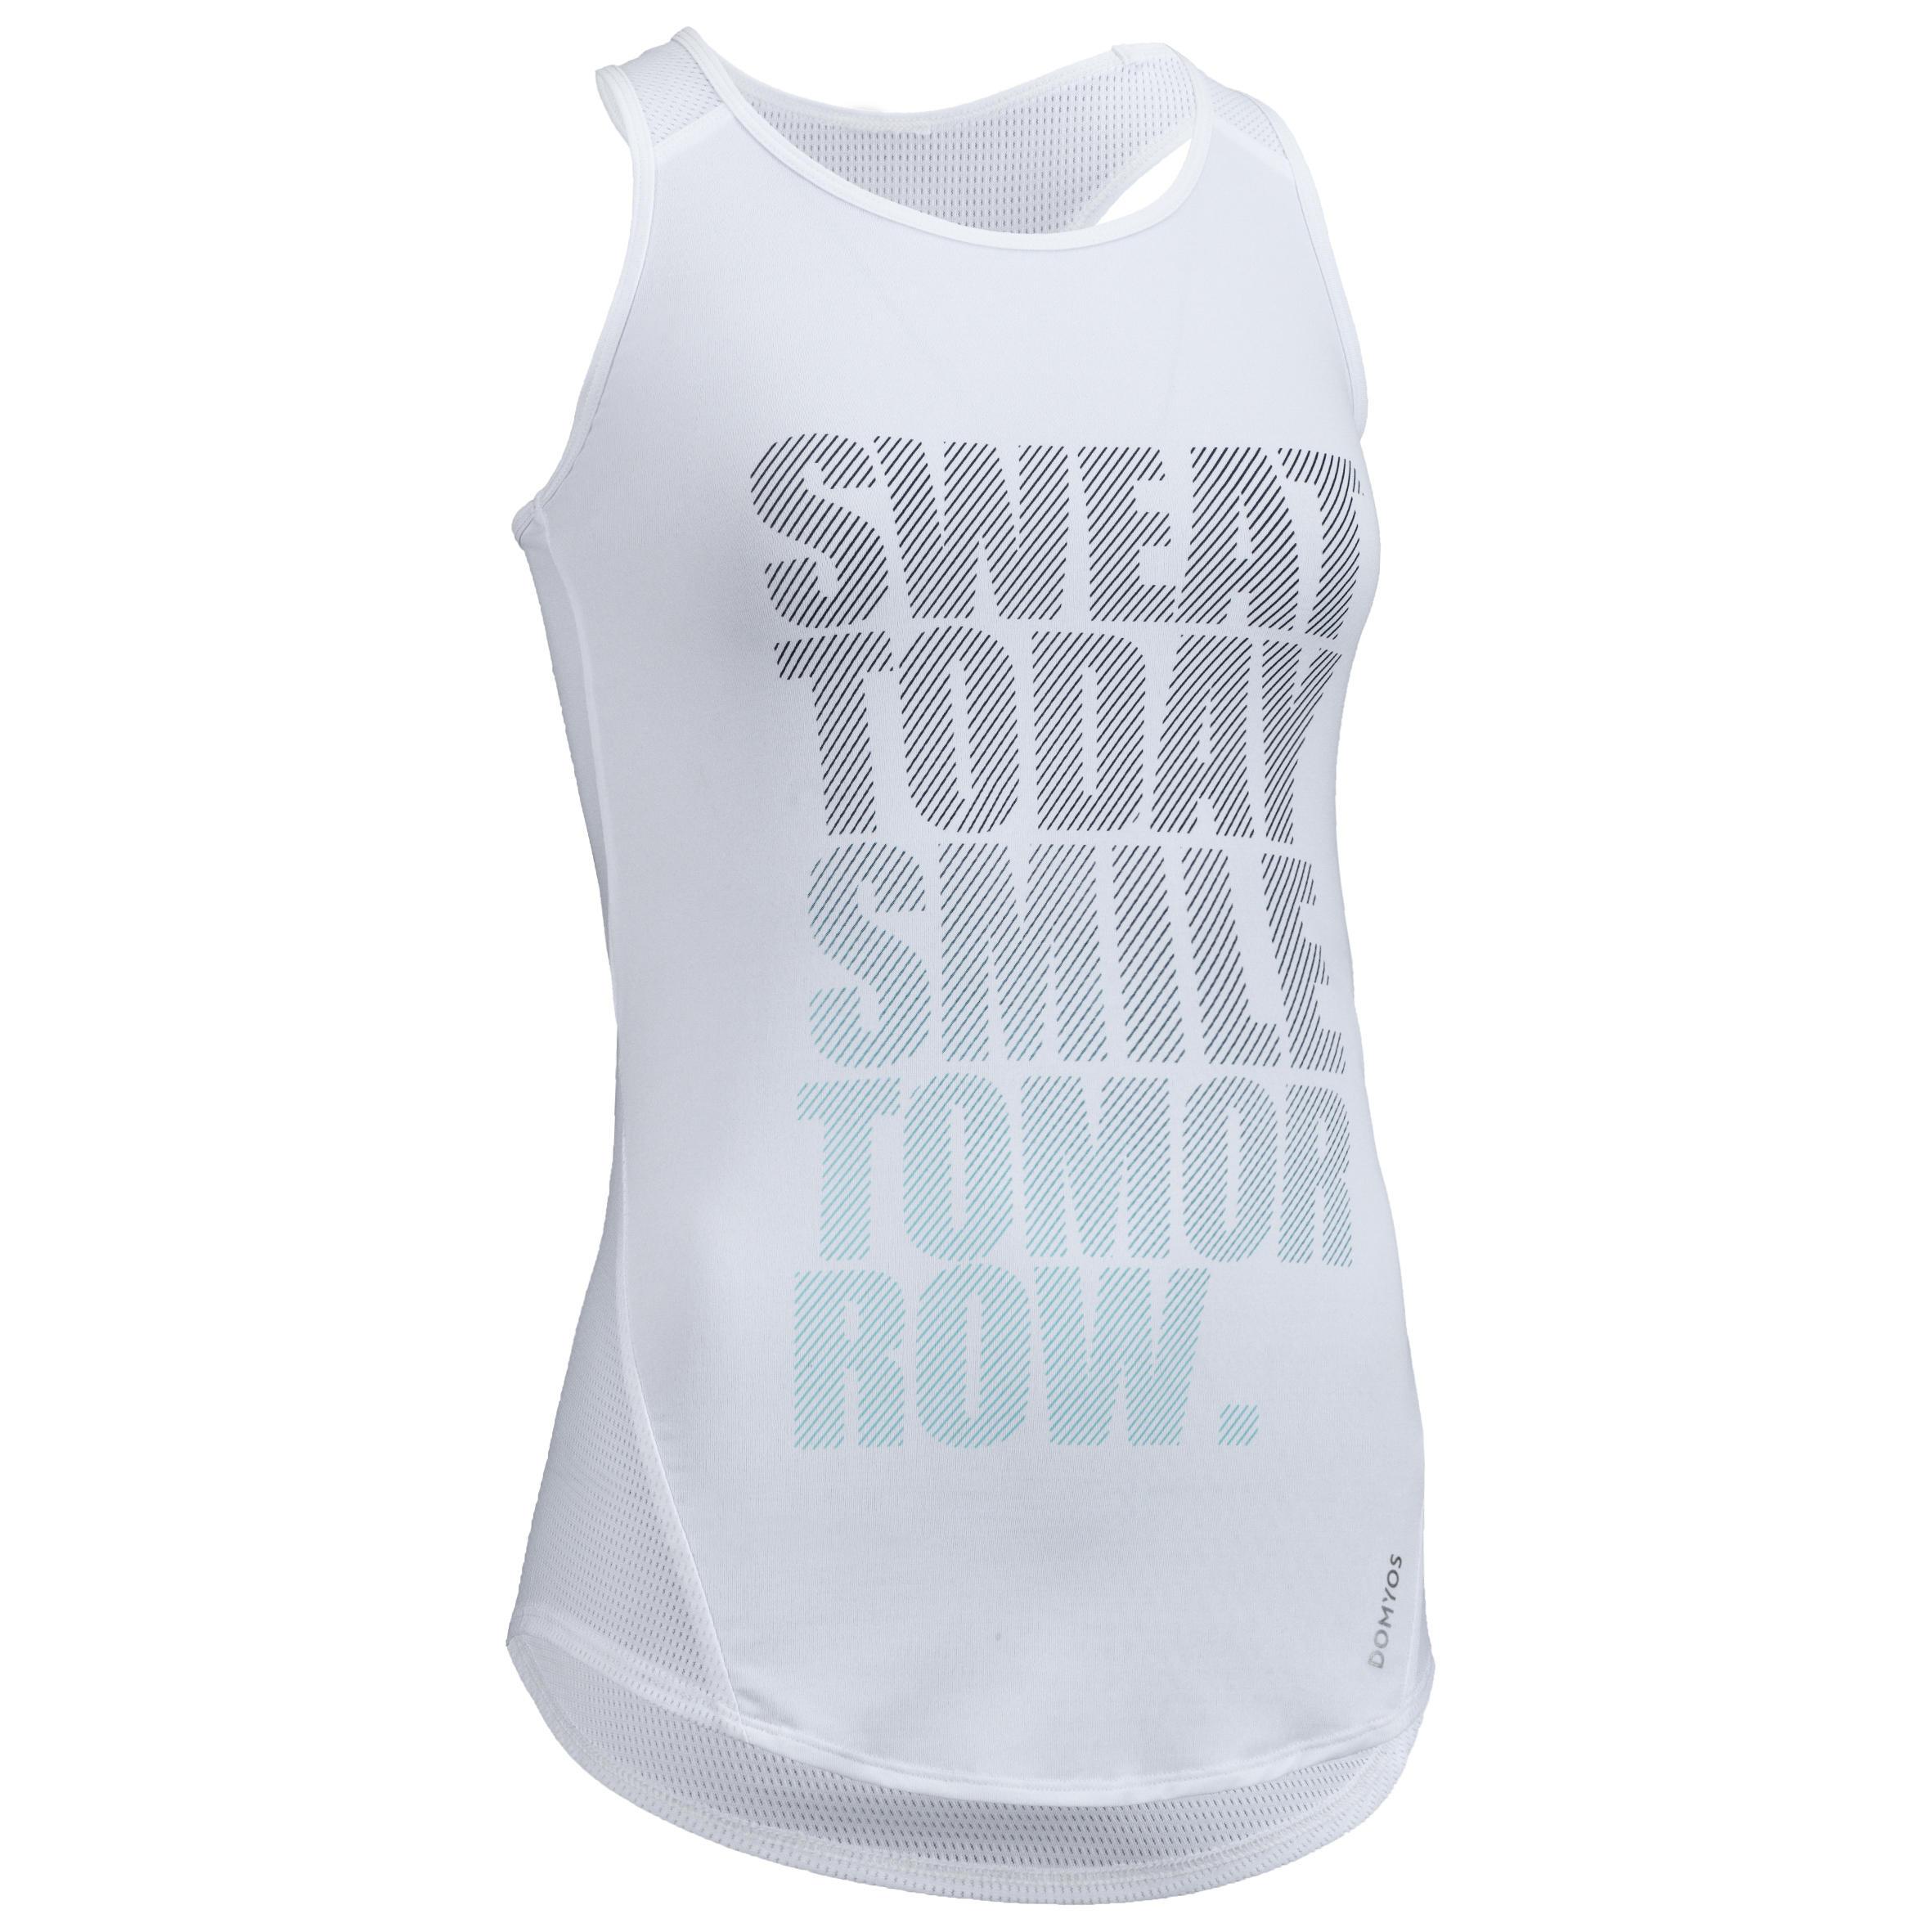 Camiseta sin mangas cardio fitness mujer blanco estampado 120